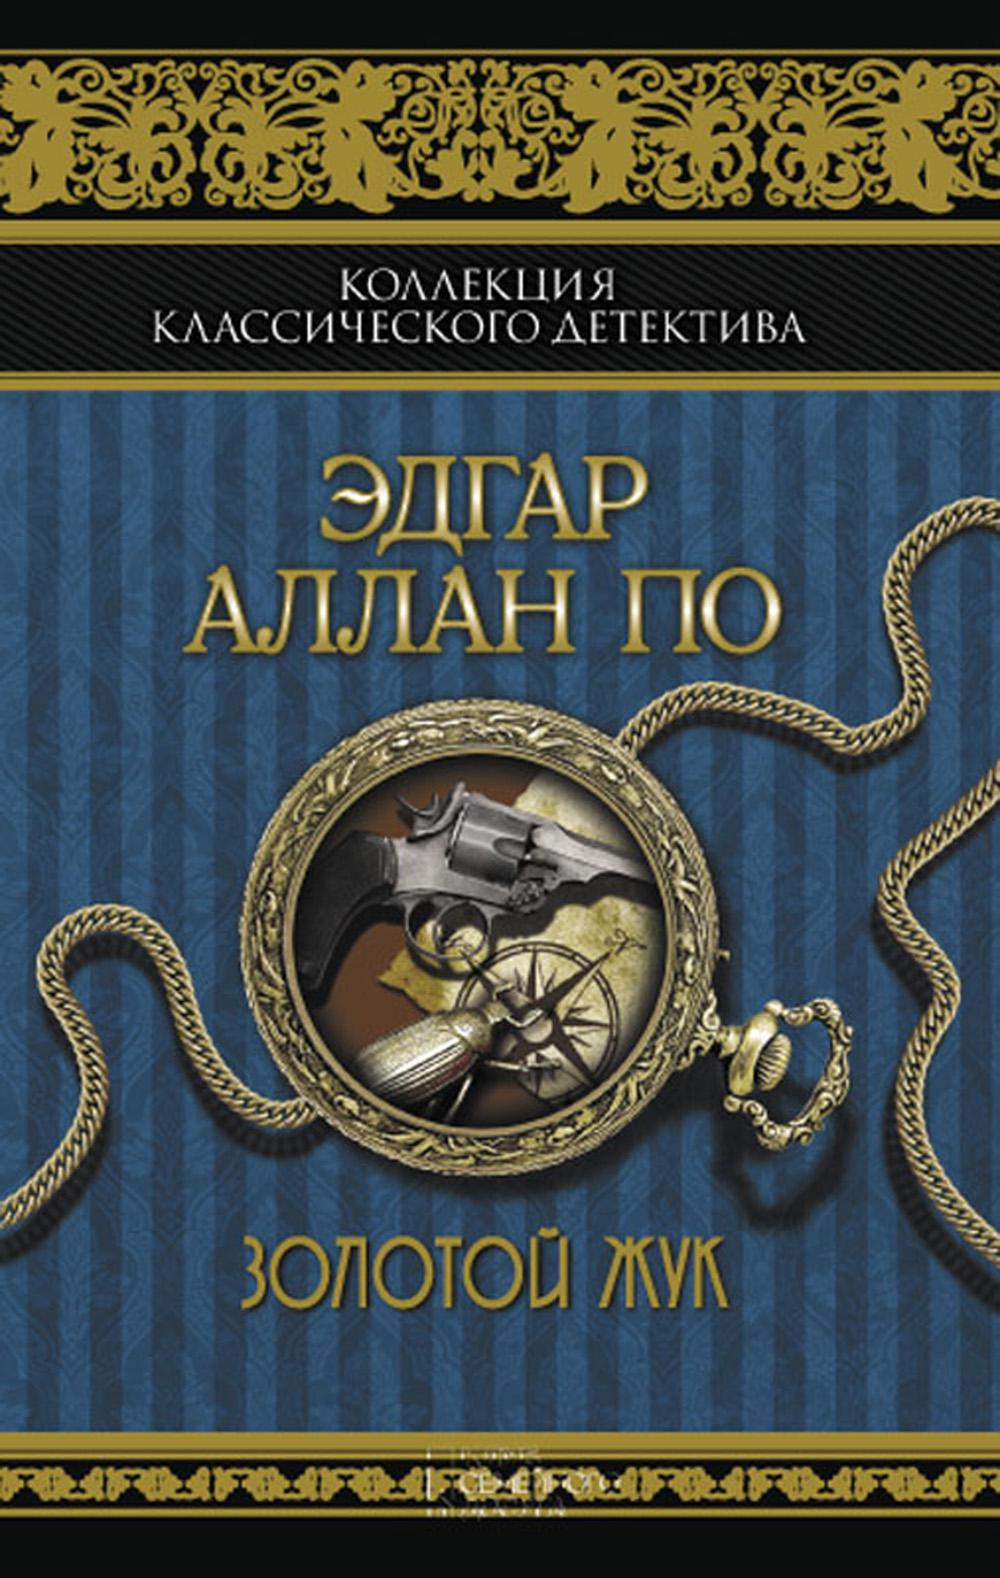 Эдгар Аллан По Золотой жук (сборник)